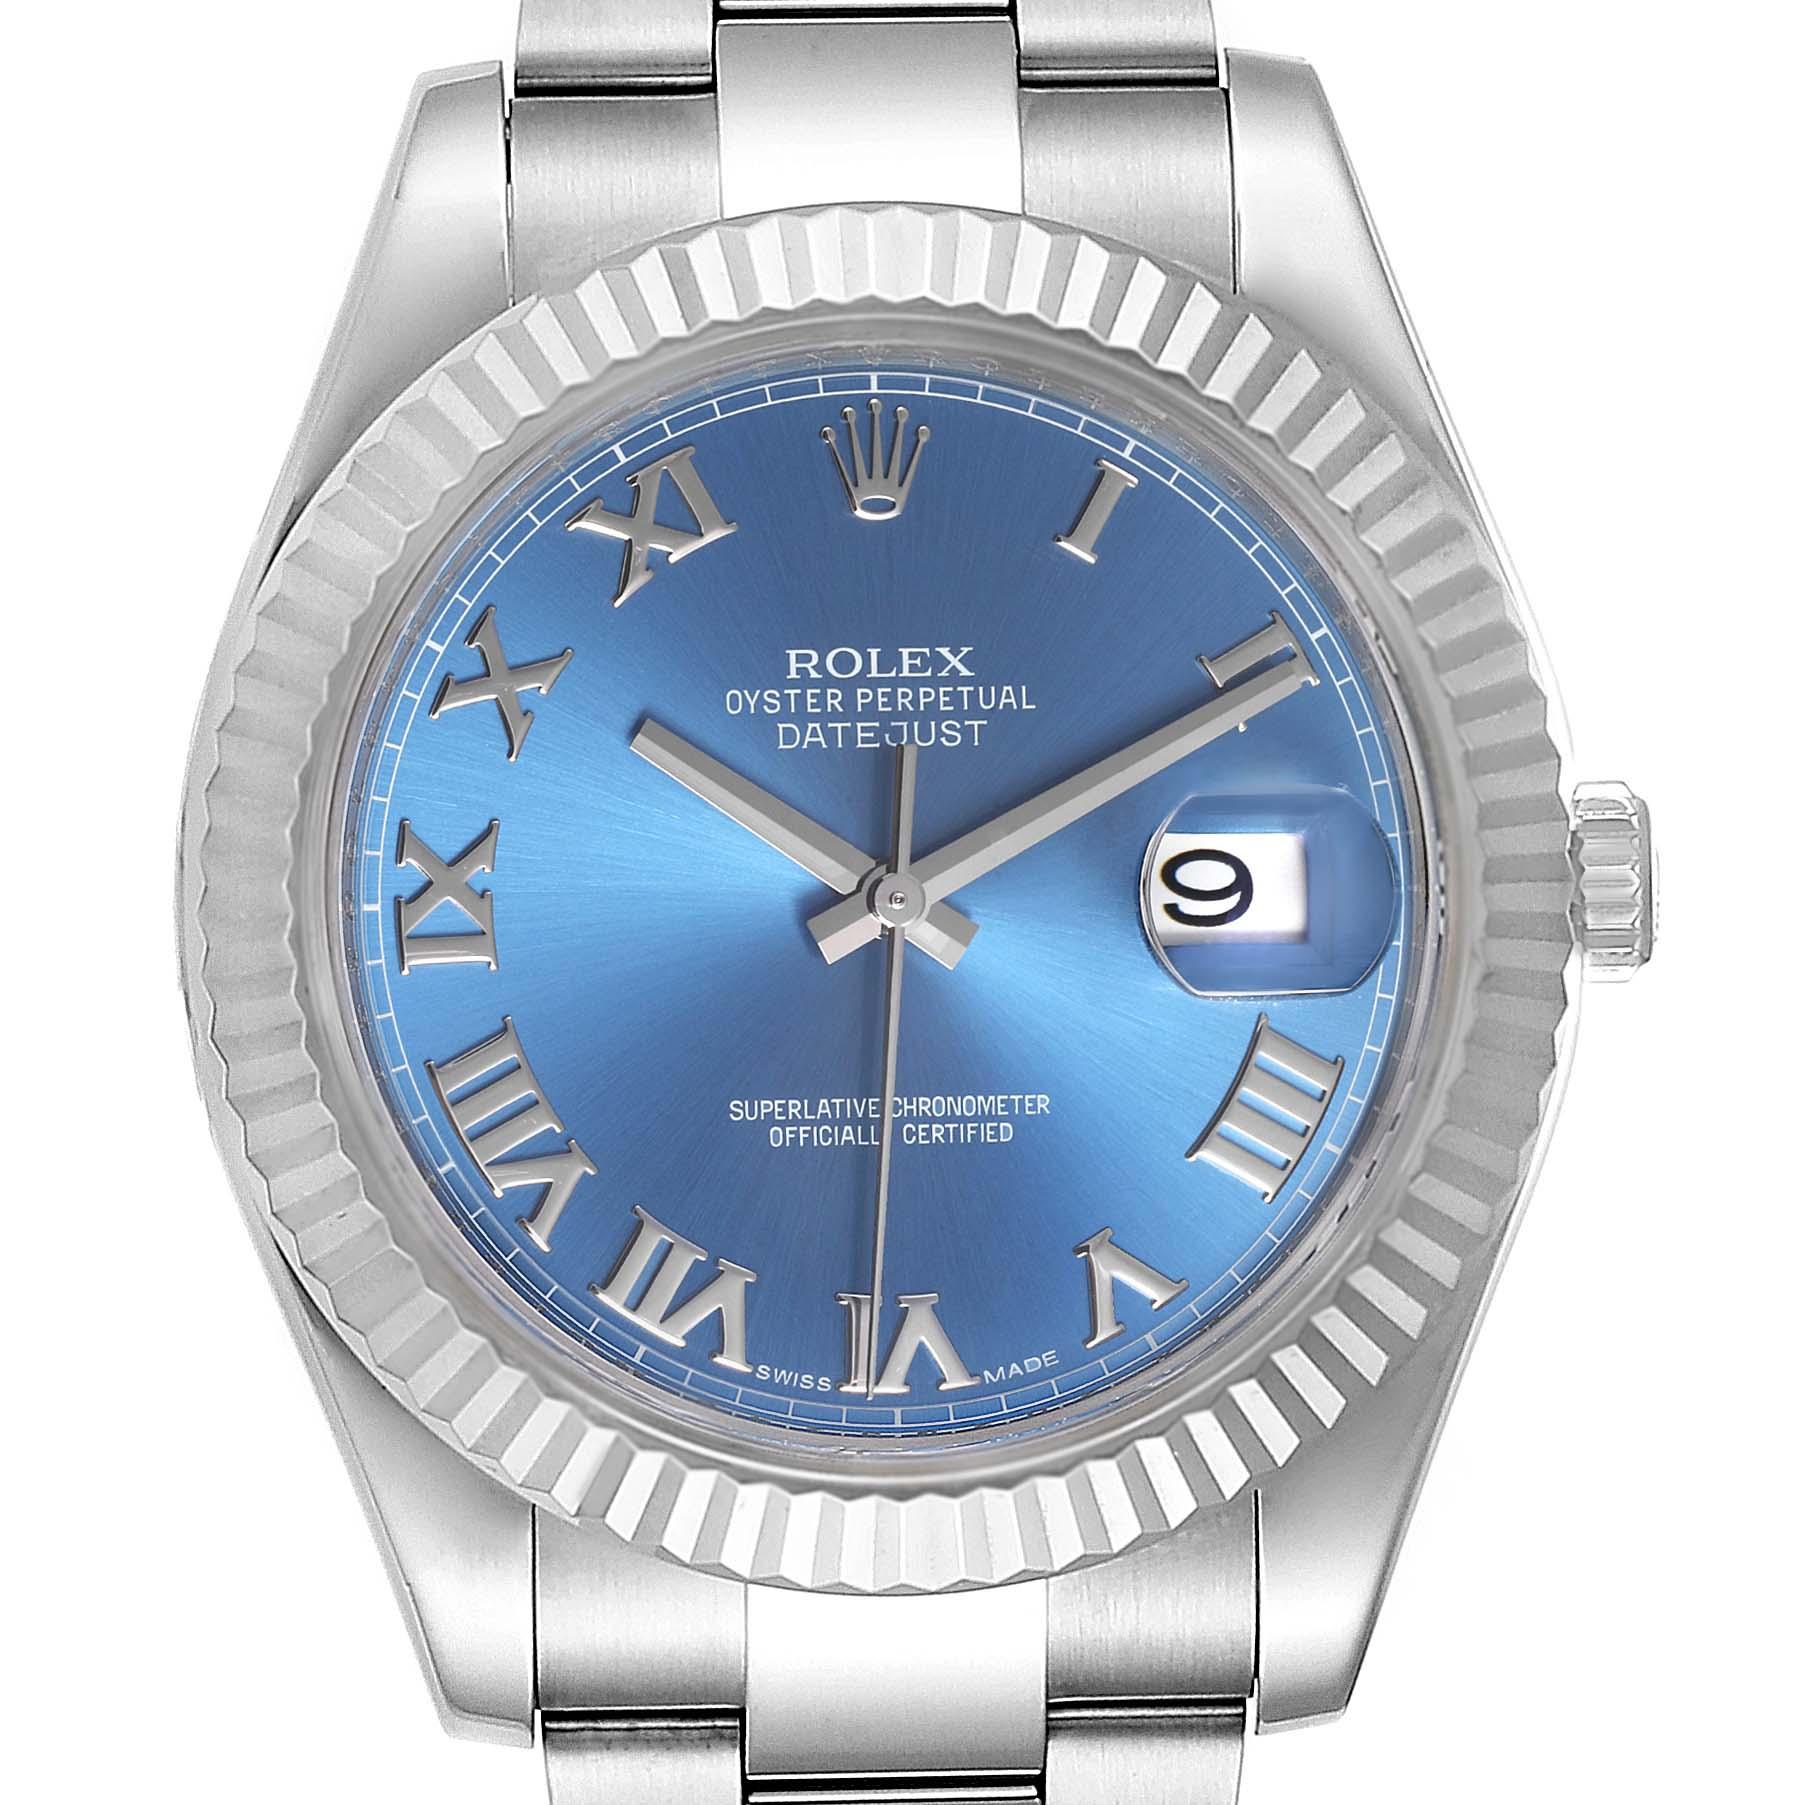 Rolex Datejust II Blue Roman Dial Fluted Bezel Mens Watch 116334